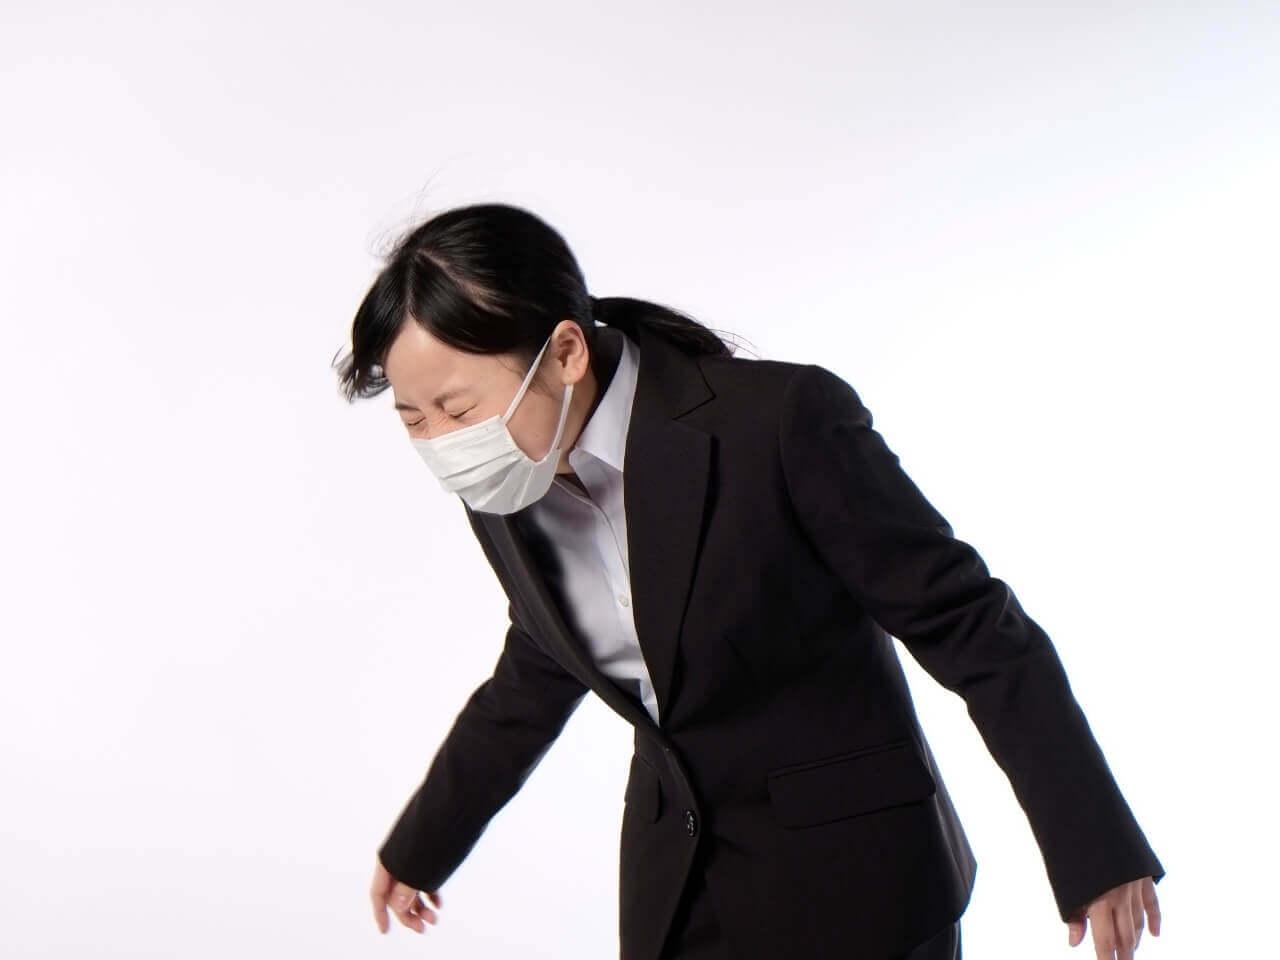 マスクをつけてくしゃみをする女性